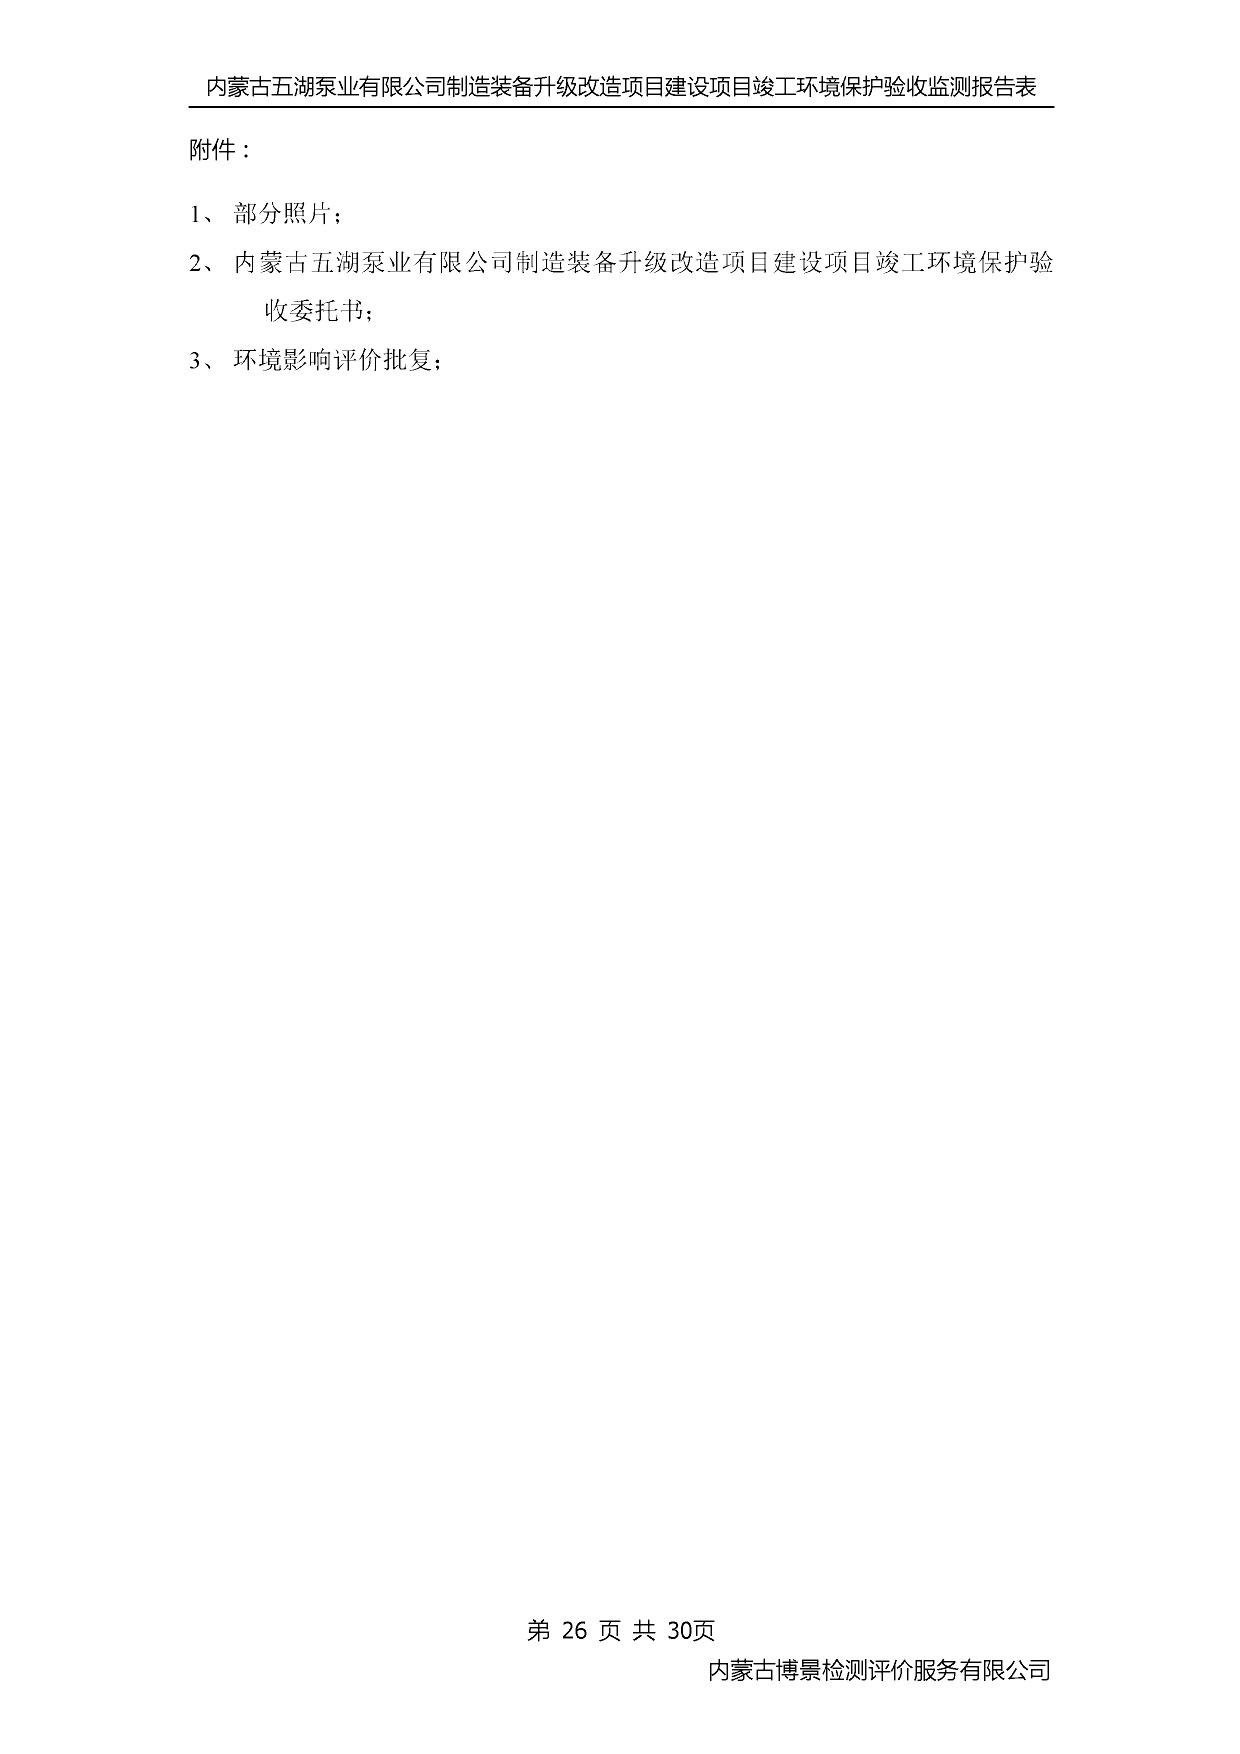 1535186232610432.jpg